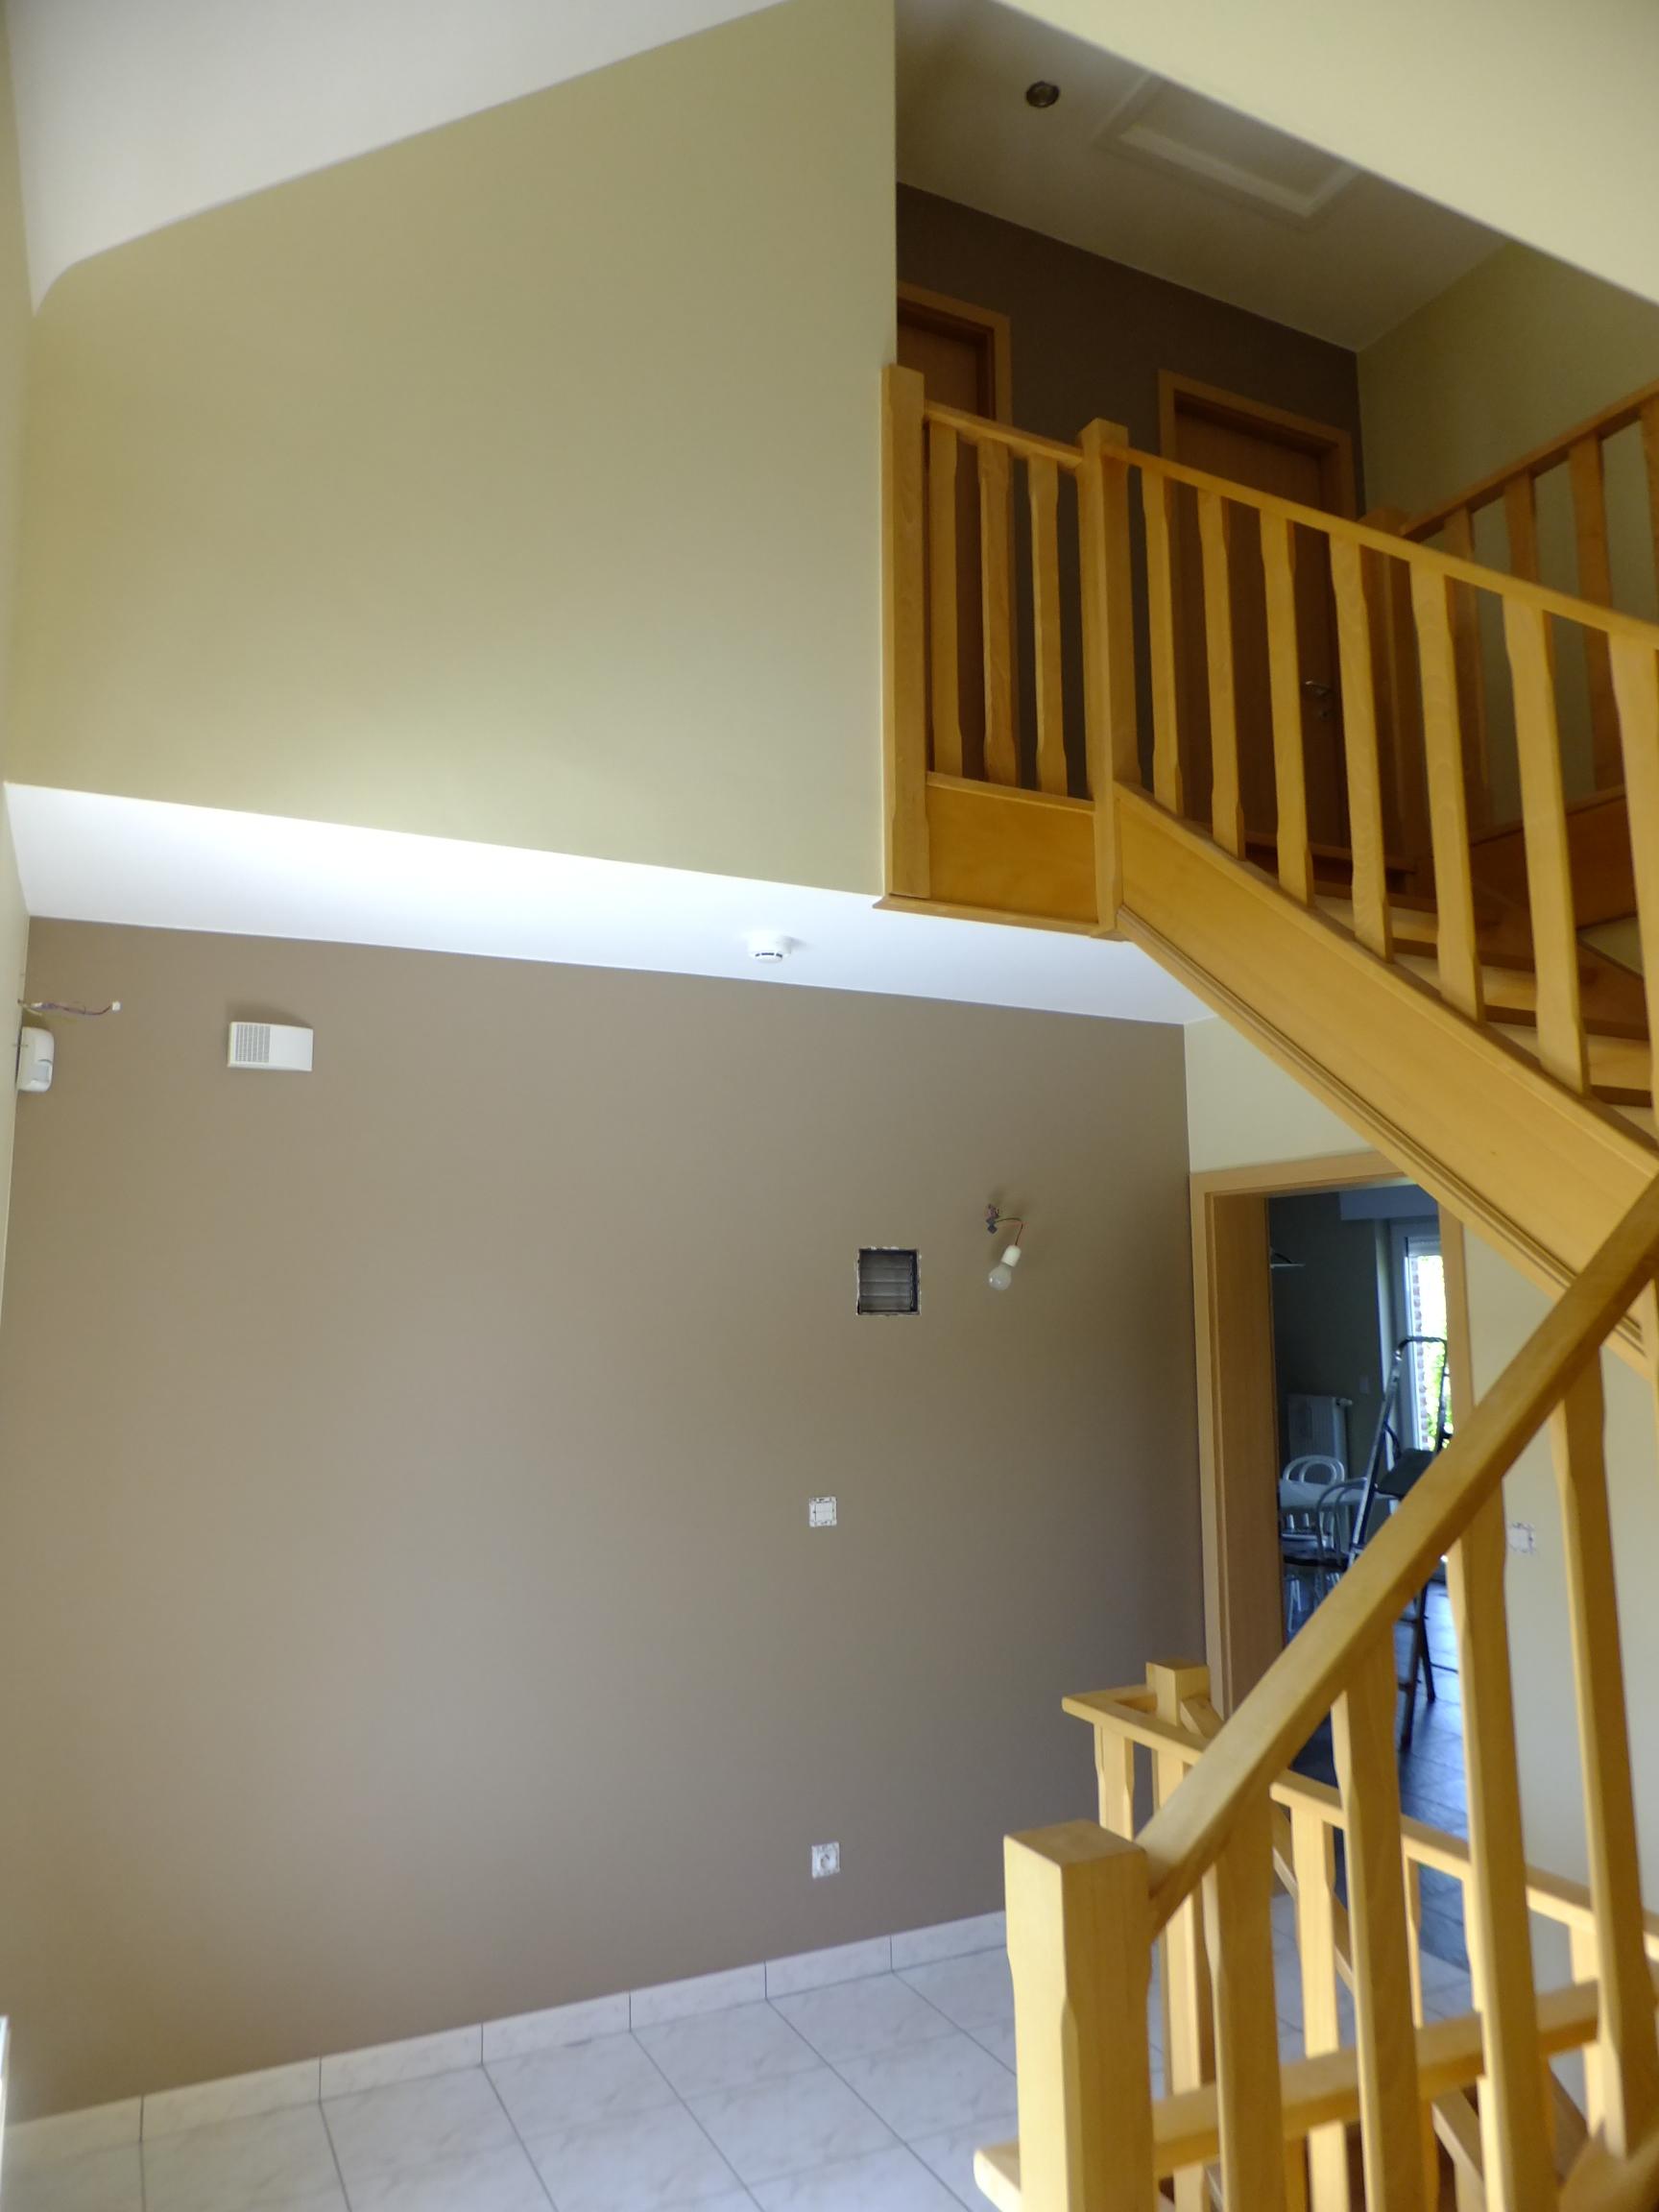 cage descalier couleur peinture comment decorer une cage d escalier de quelle couleur peindre. Black Bedroom Furniture Sets. Home Design Ideas